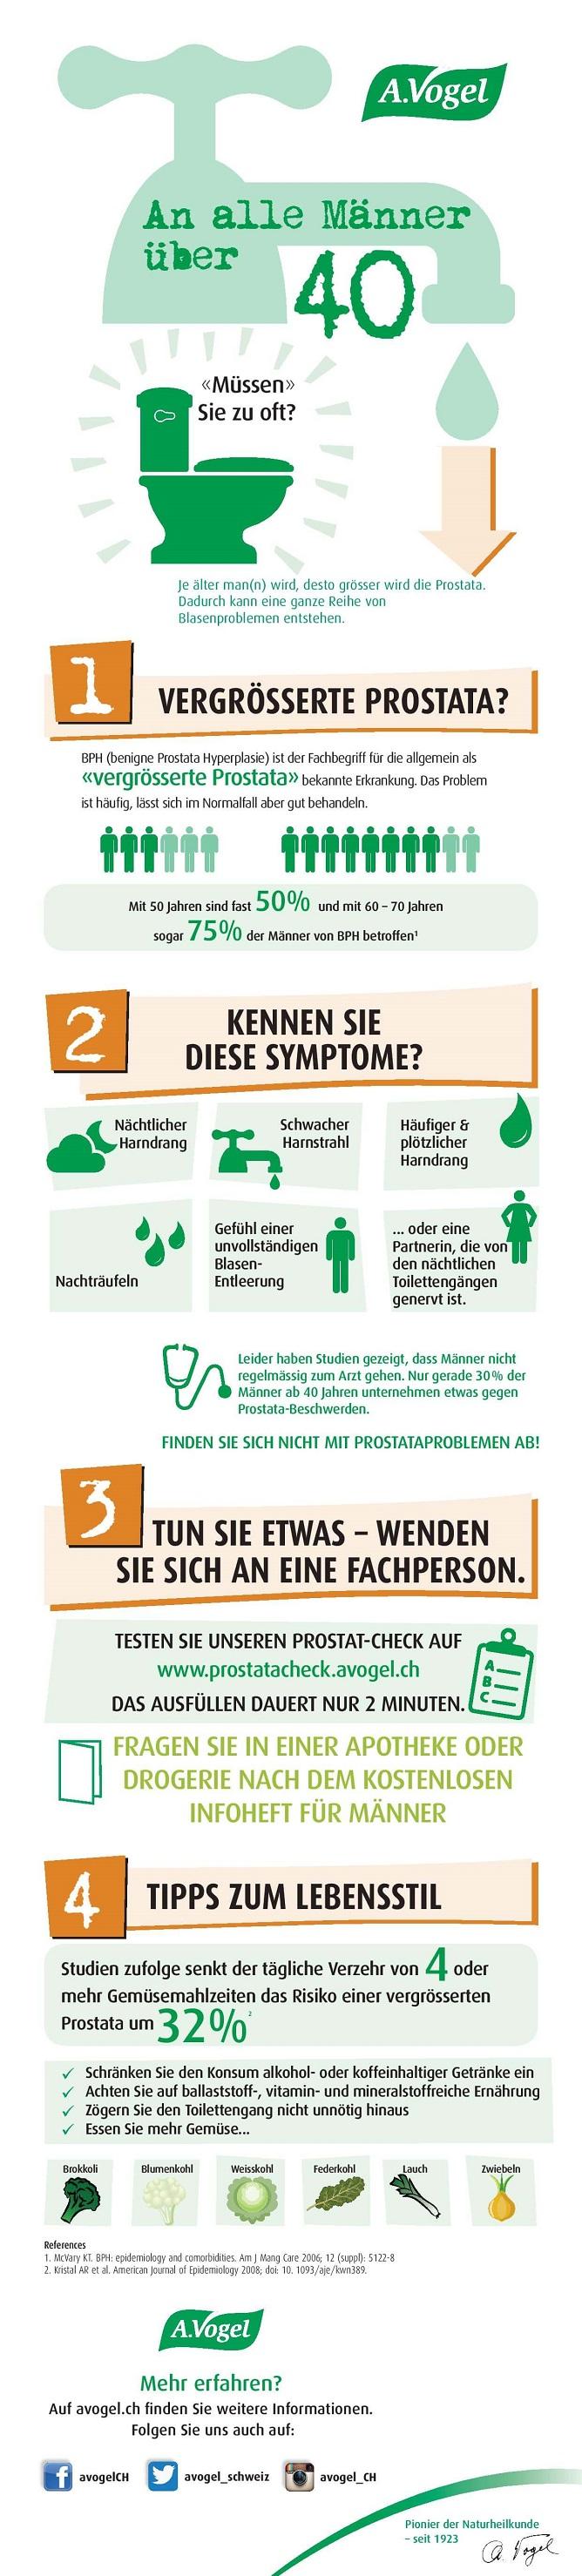 Prostatahyperplasie Infografik